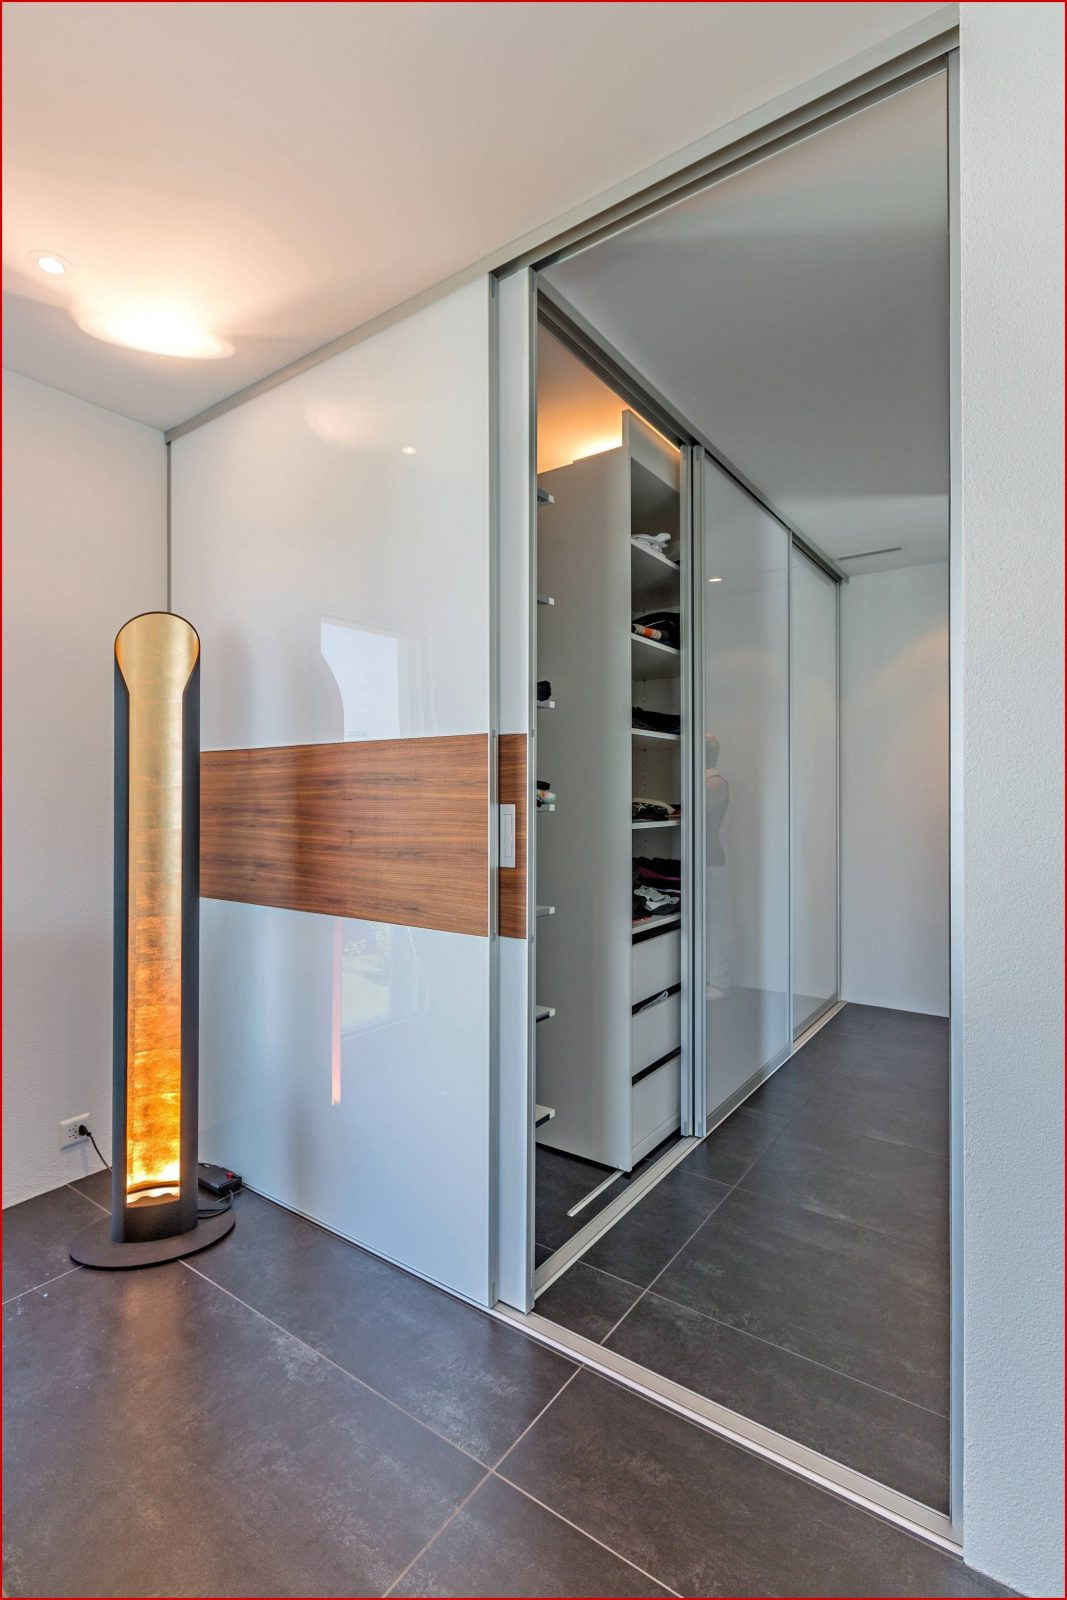 Schiebetüren Schrank Selber Bauen  Cabinetworlddesign von Wandschrank Selber Bauen Schiebetüren Photo